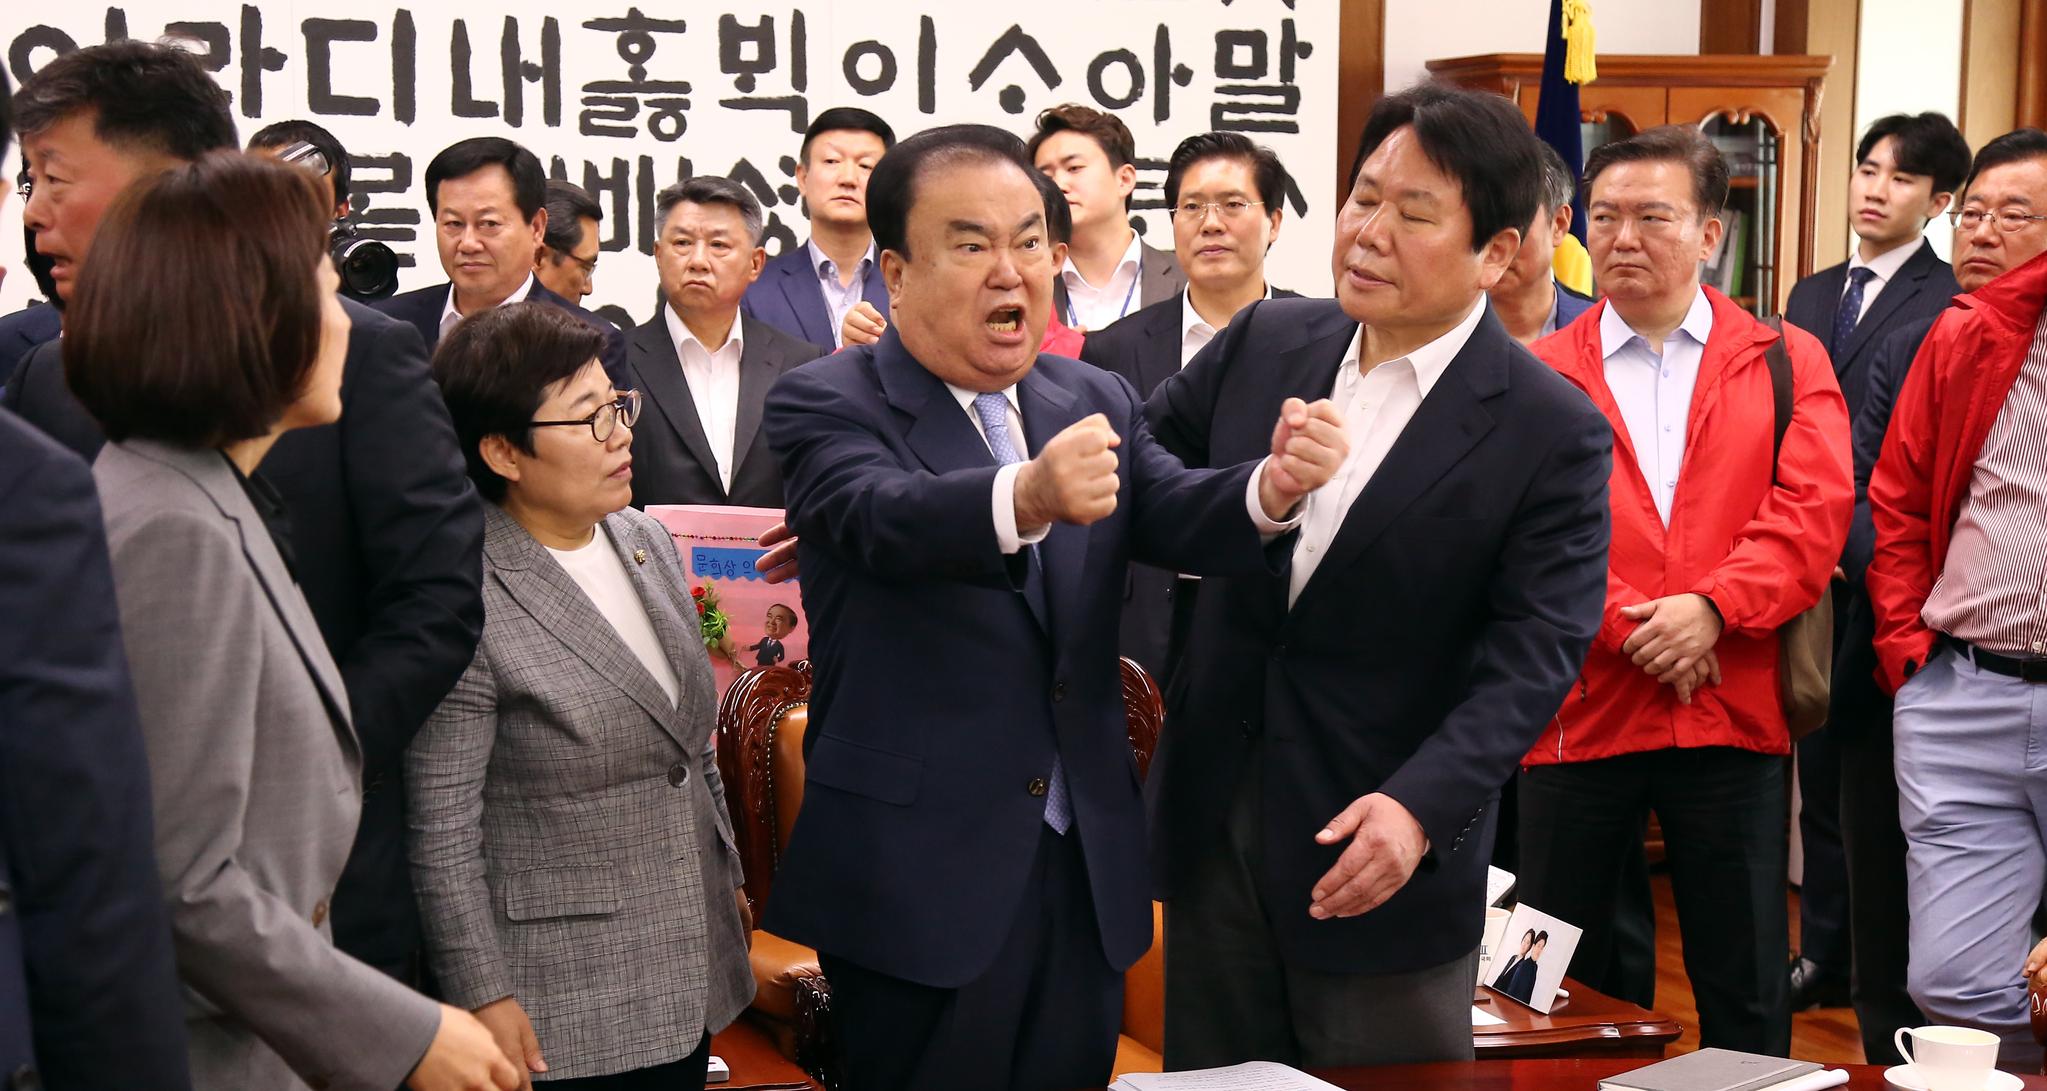 문희상 국회의장이 지난달 24일 서울 여의도 국회의장실에서 여야 4당의 패스트트랙 지정에 반발한 자유한국당 의원들의 항의방문에 언성을 높이고 있다. [뉴스1]